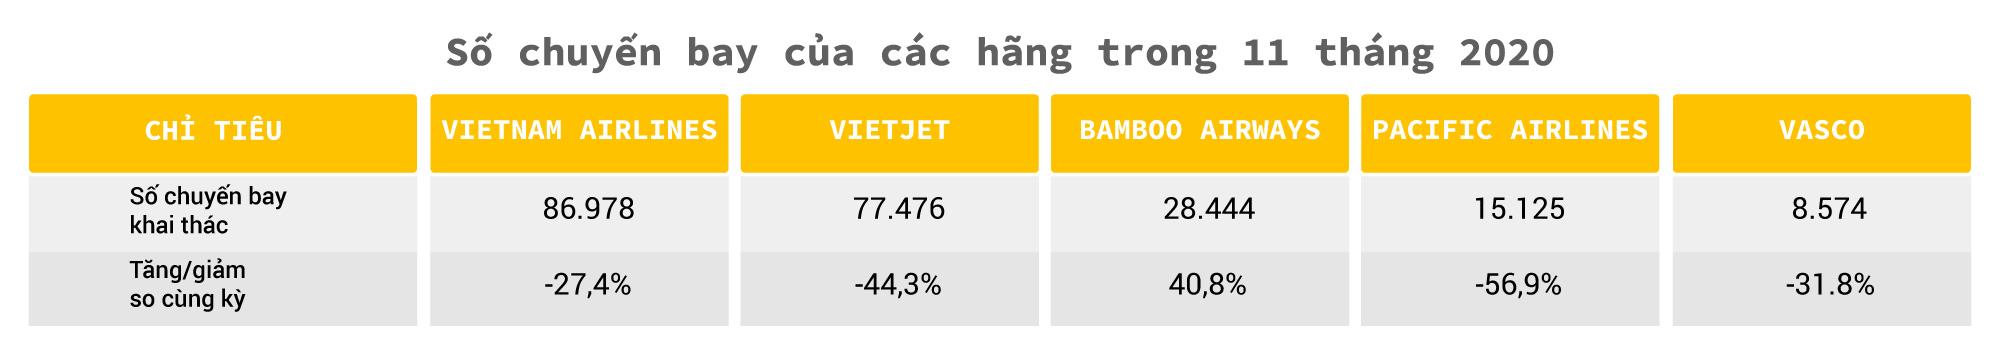 Hàng không Việt một năm 'bay trong bão' - Ảnh 6